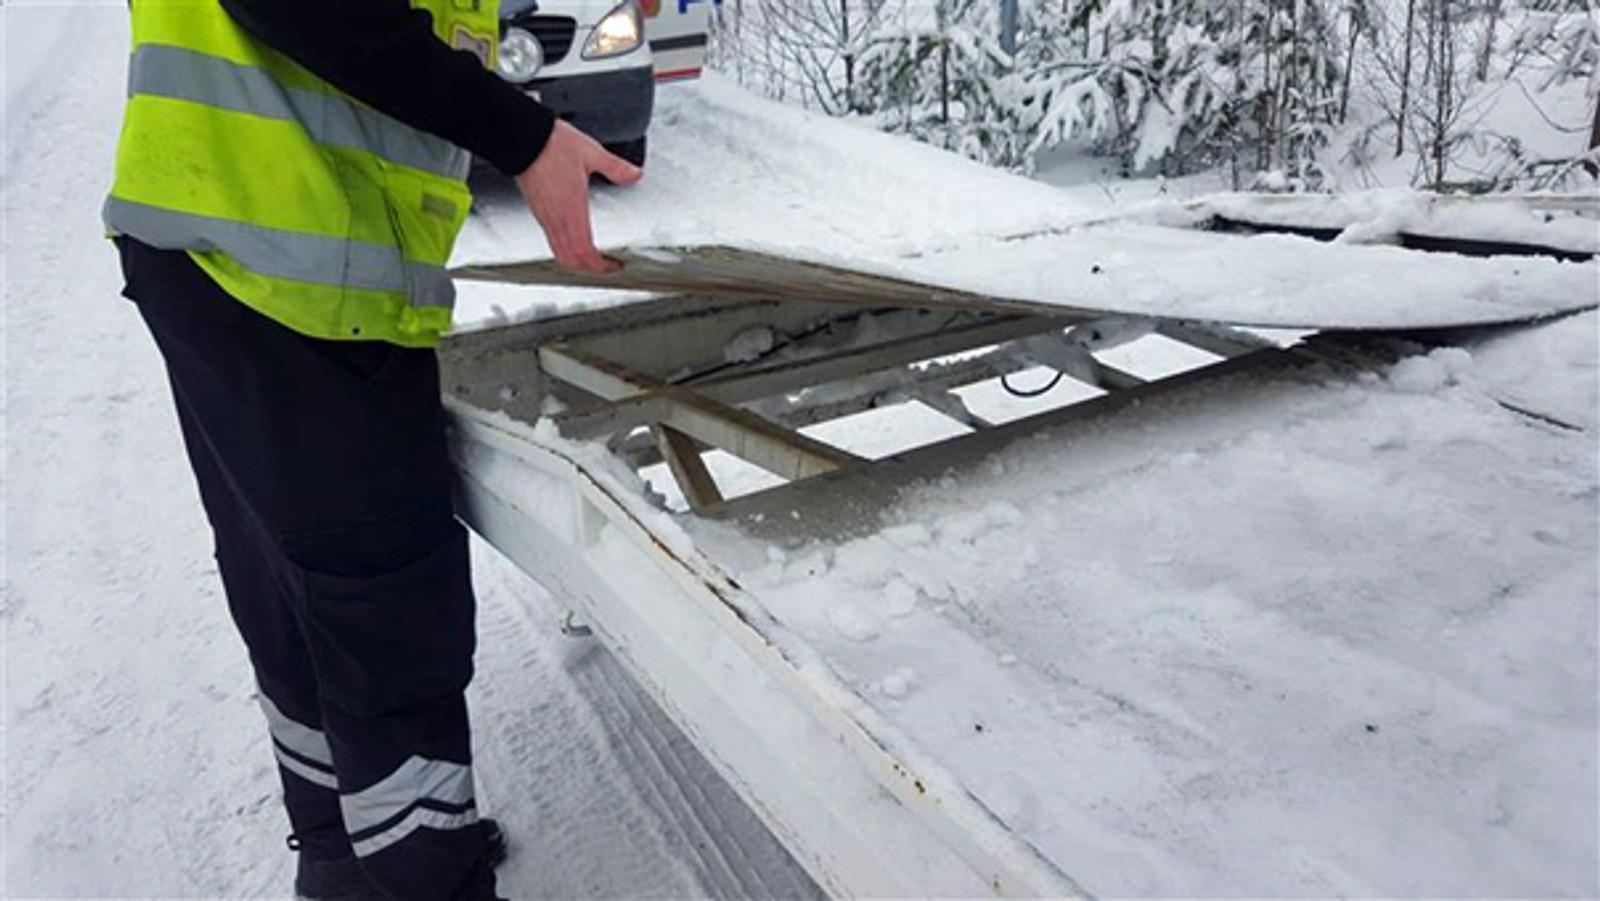 Det var løse plater oppe på hengeren under snøen.